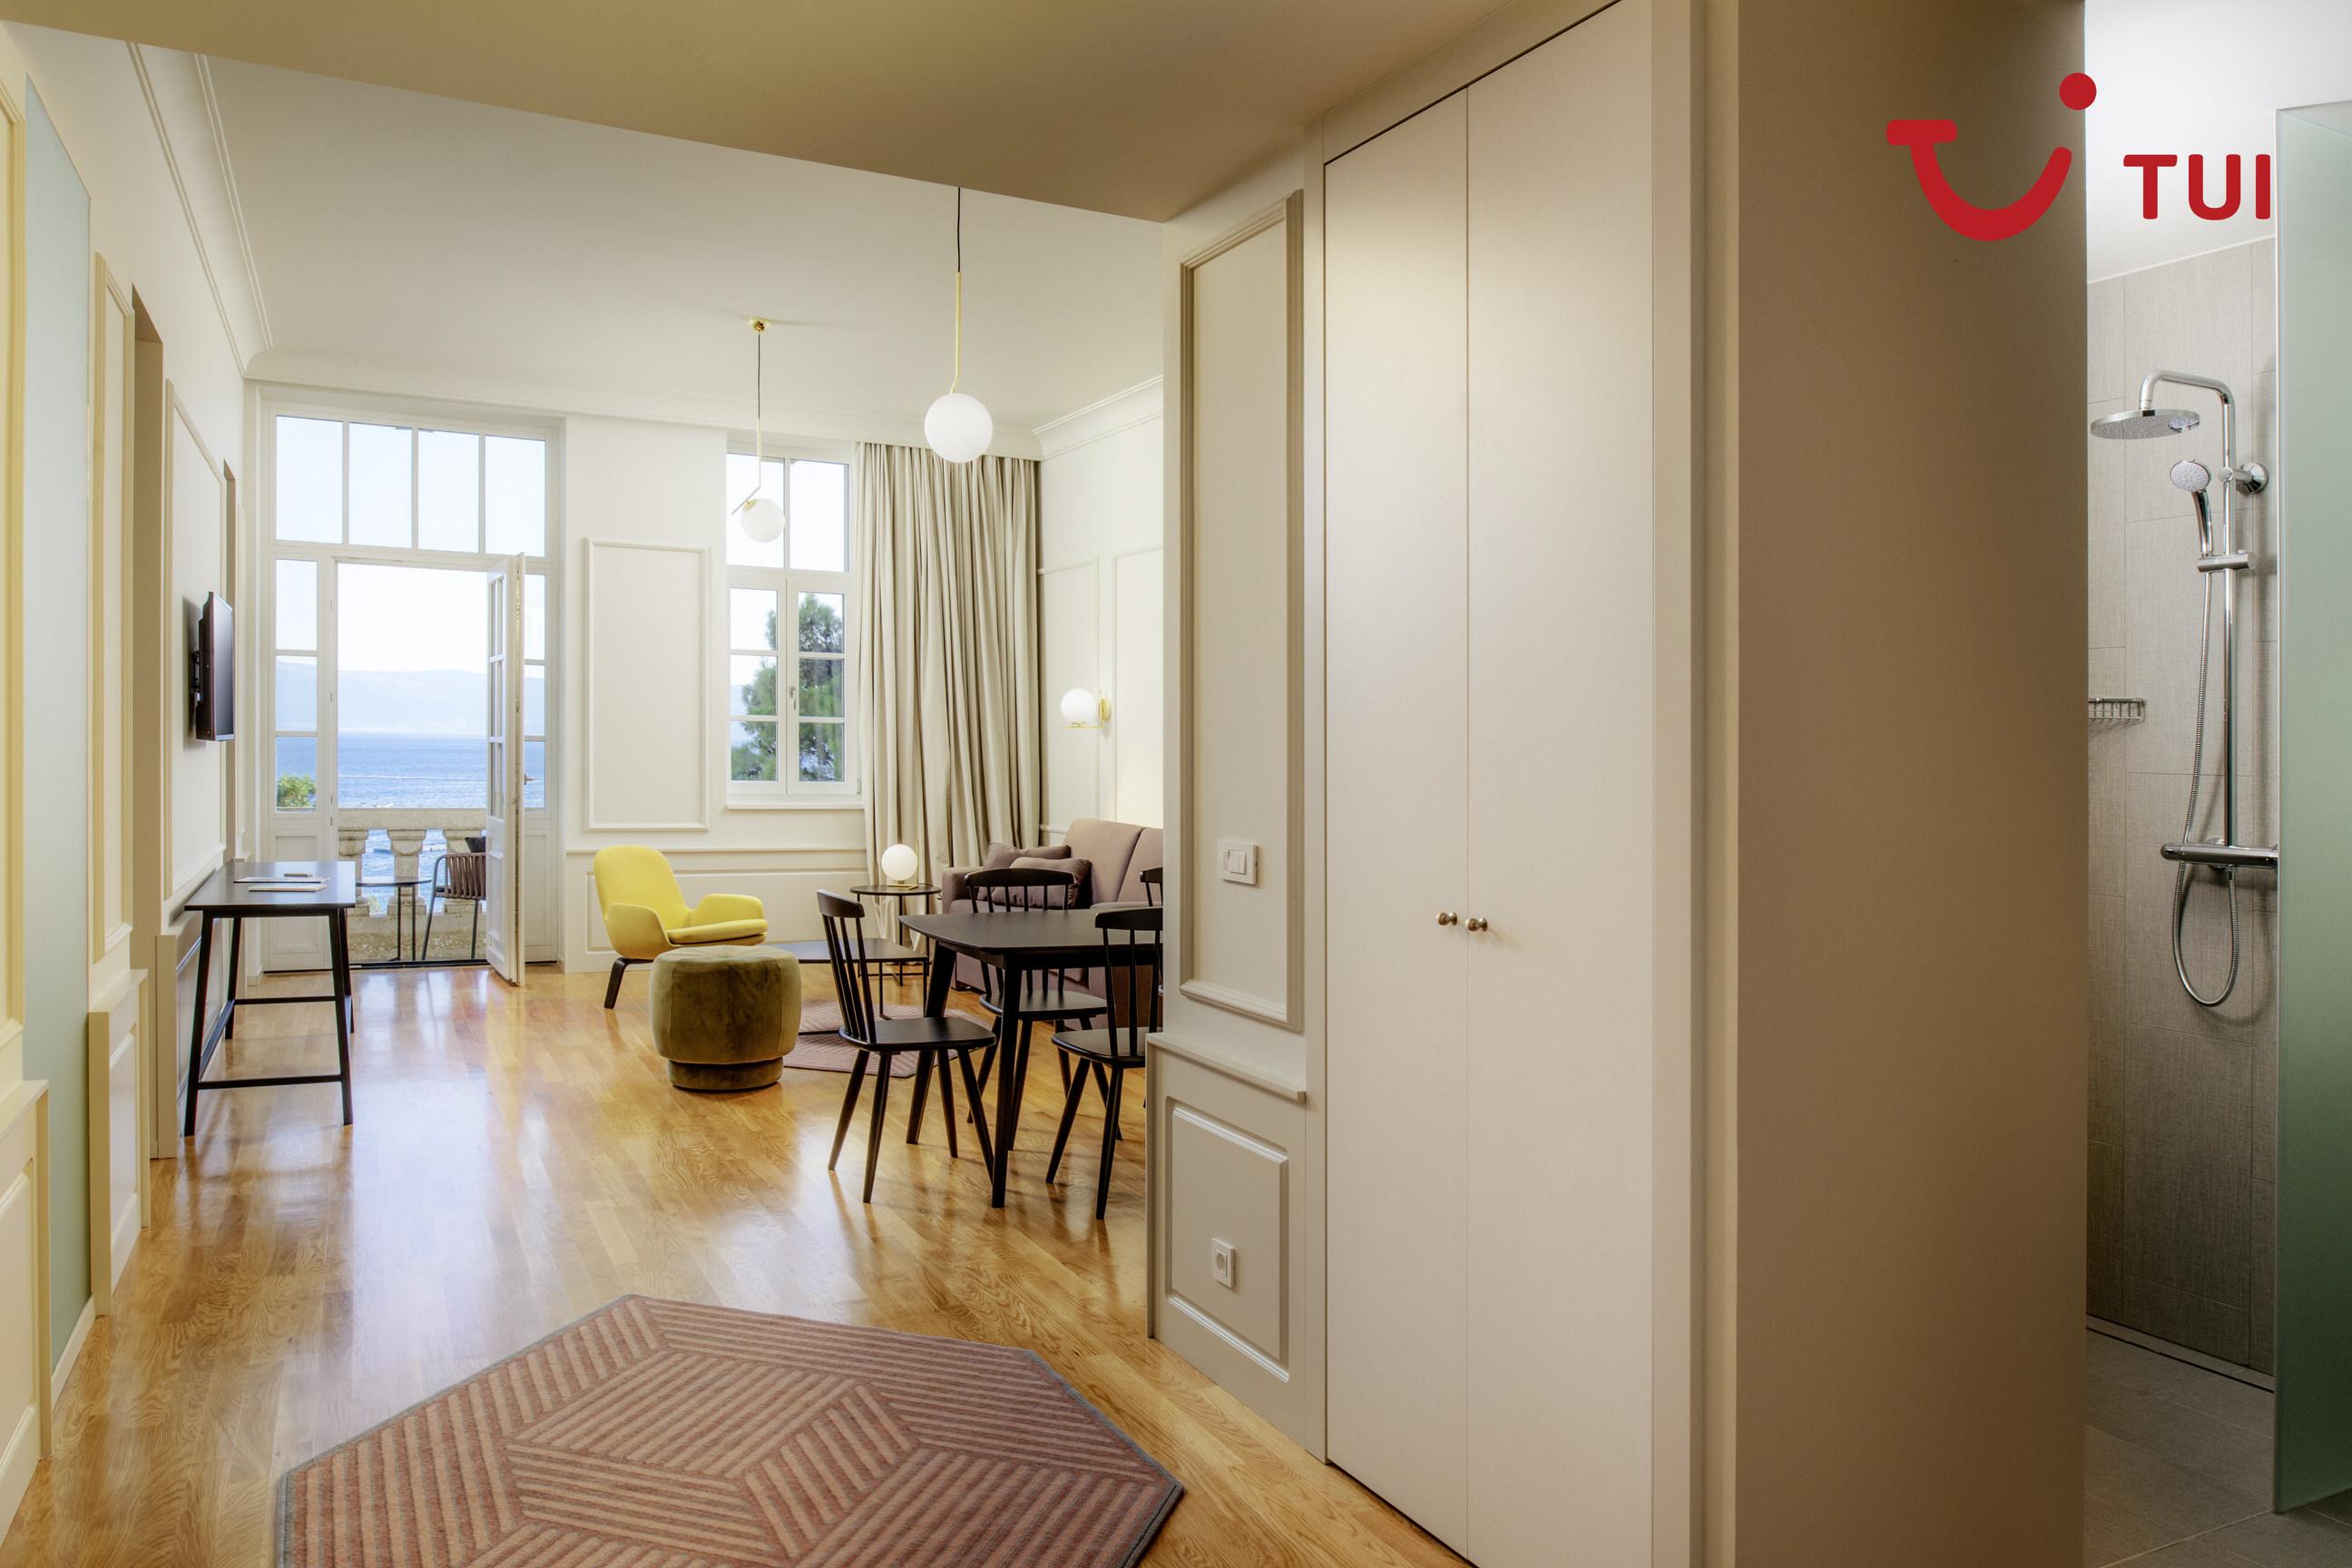 Tui hotel lisanj kroatien hotelzimmer suite